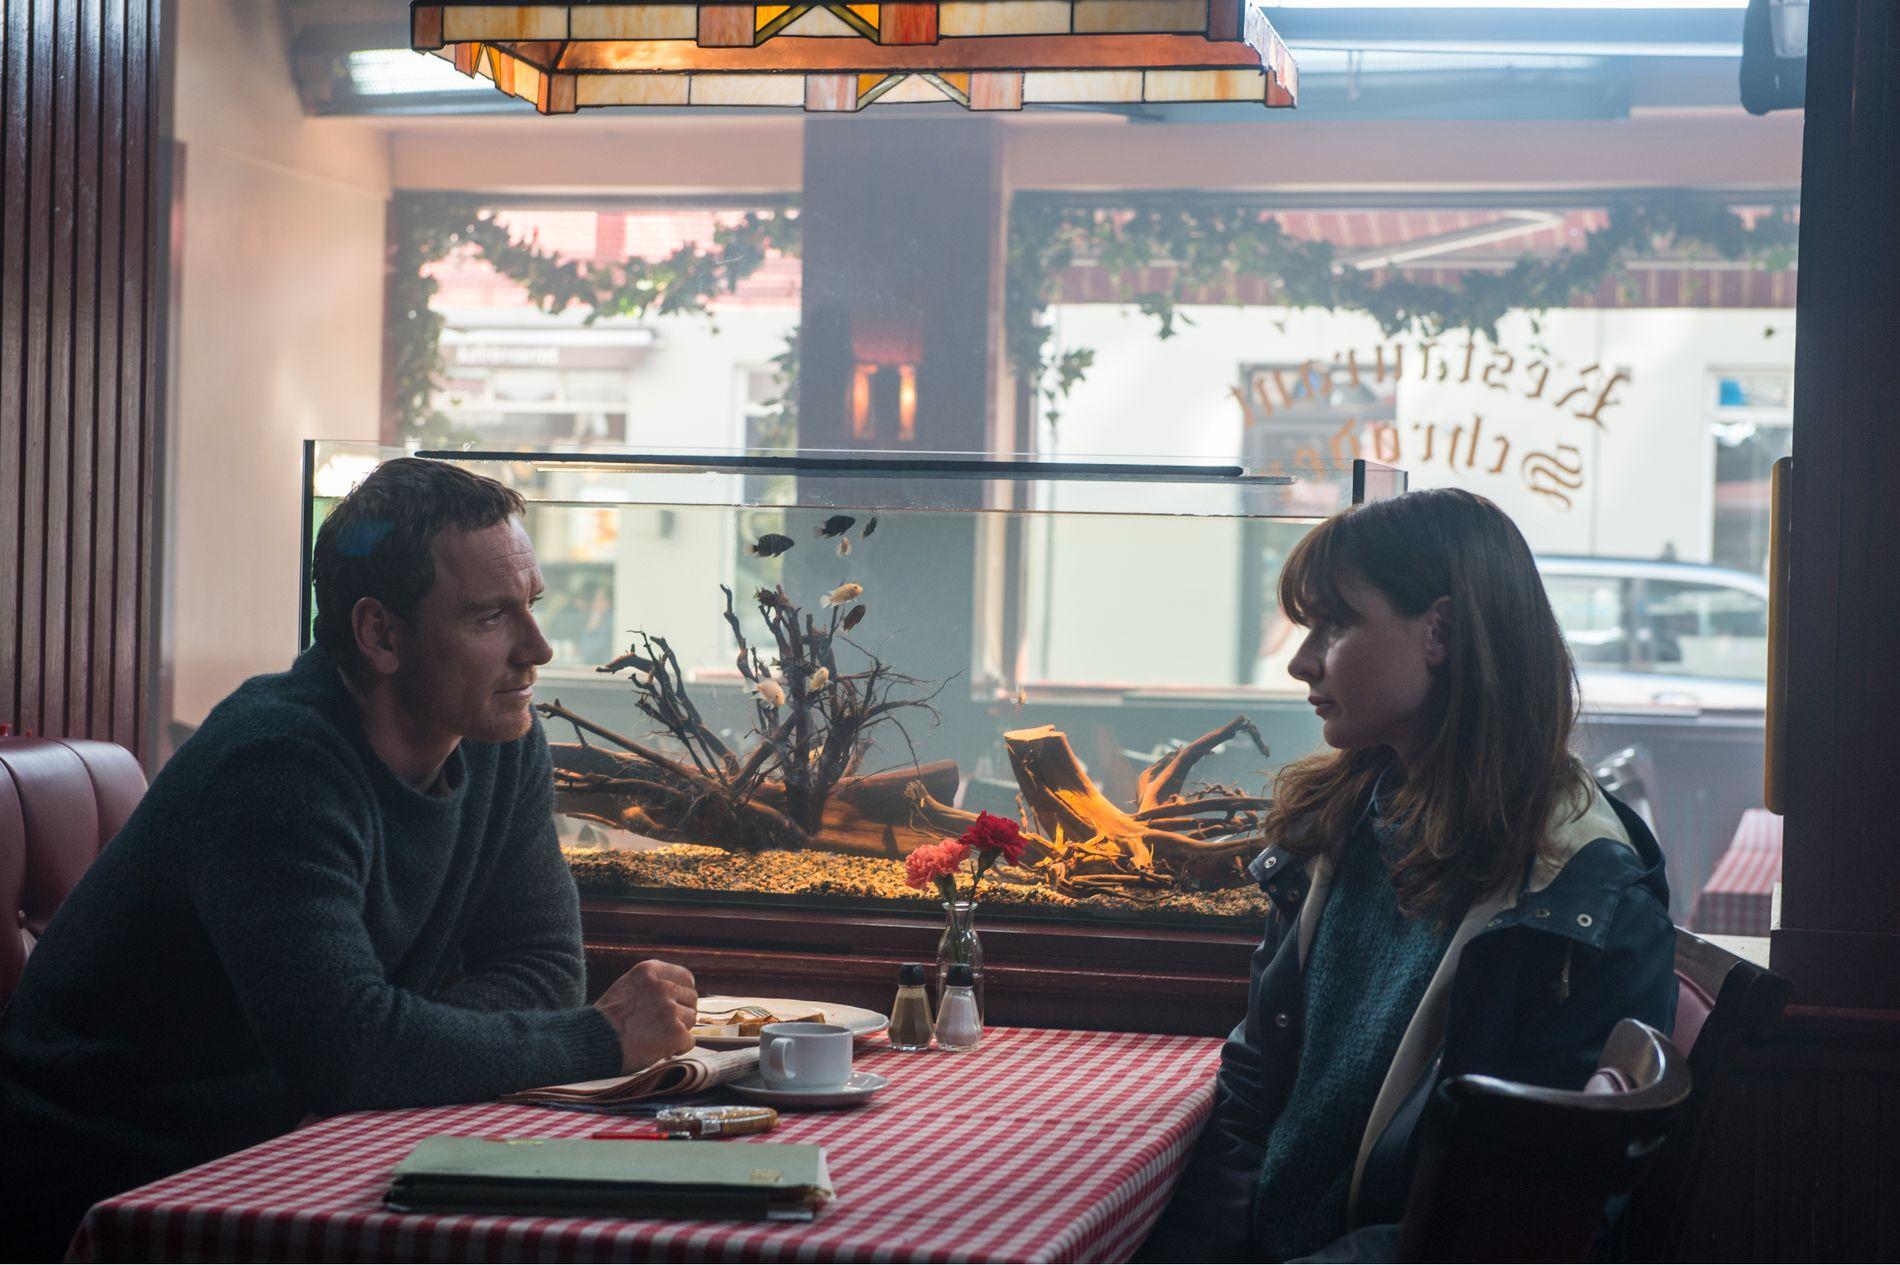 PÅ KJENTE TRAKTER: Michael Fassbender som Harry Hole og Rebecca Ferguson som Katrine Bratt på Schrøders. Foto: Universal Pictures